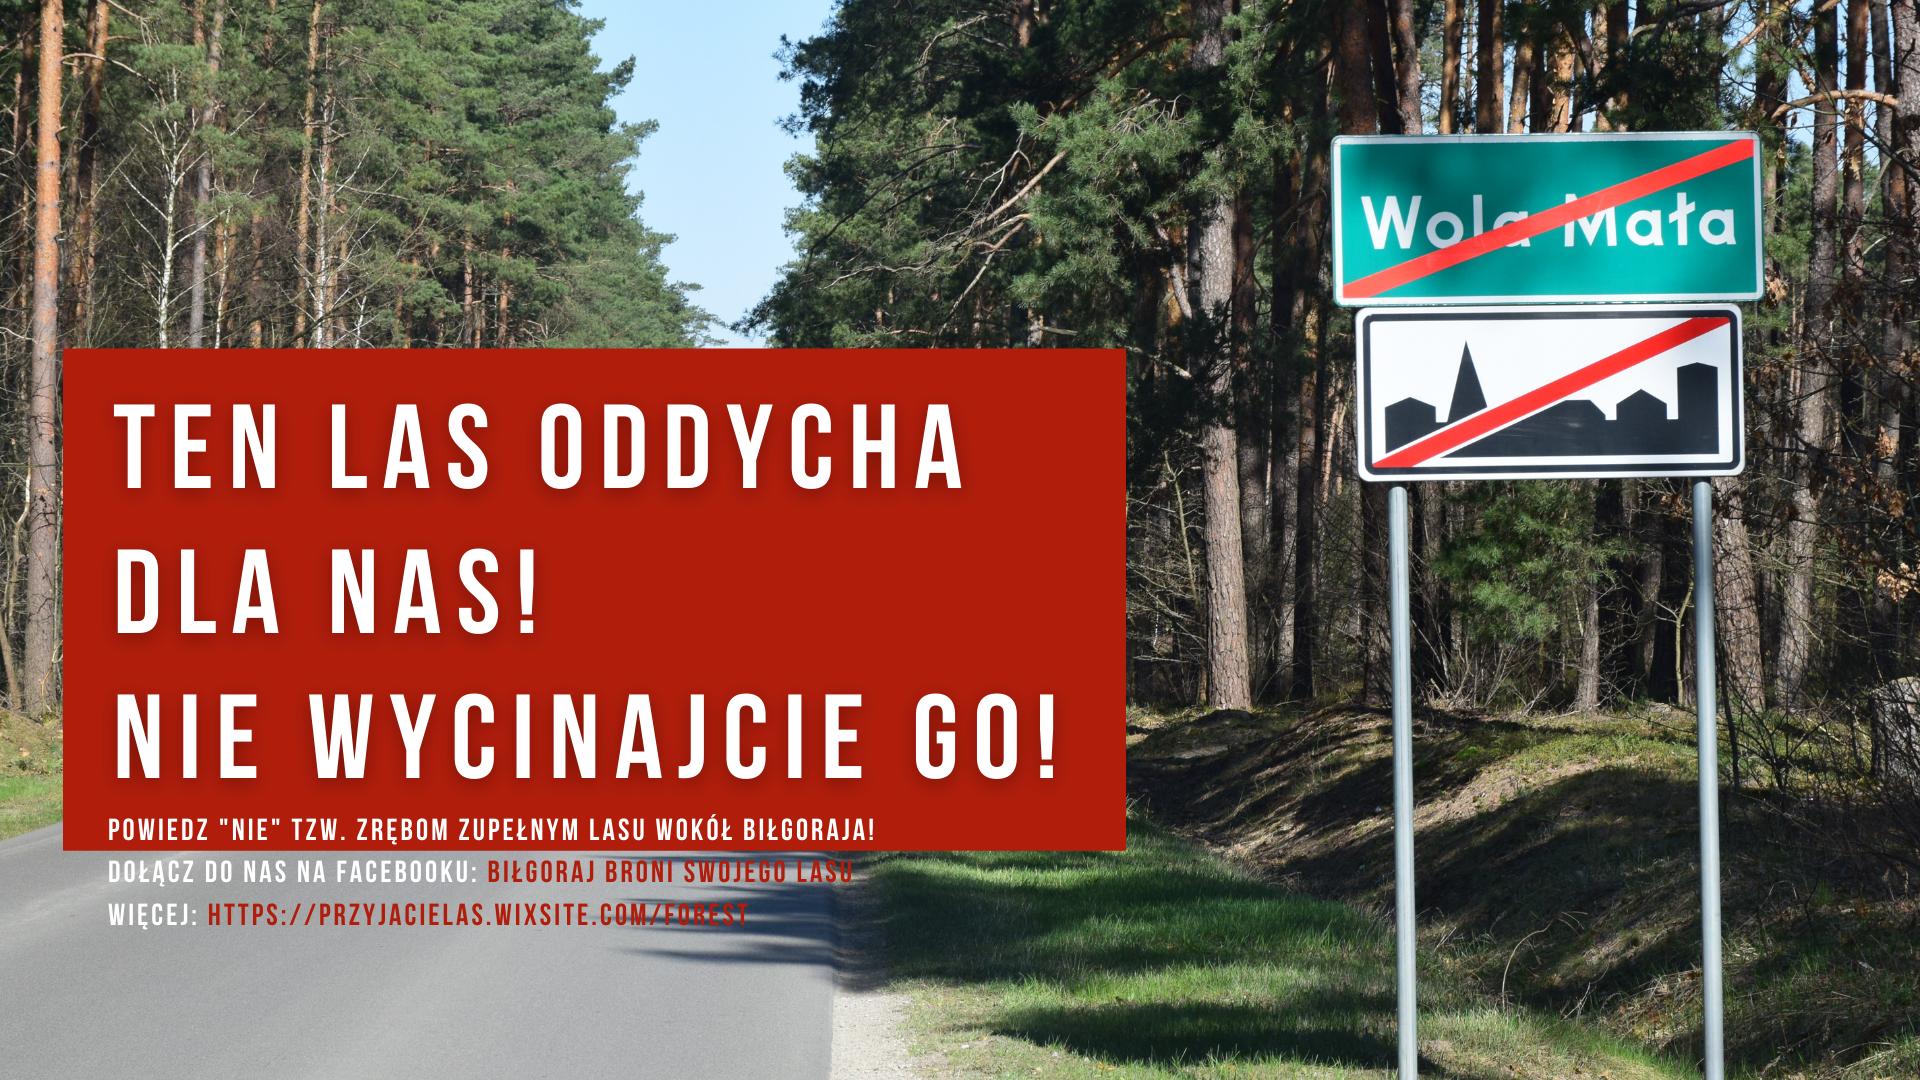 powiedz_nie_tzw._zrębom_zupełnym_lasu_wokół_biłgoraja!_dołącz_do_nas_na_facebooku_Biłgoraj_broni_swojego_lasu_więcej_httpsprzyjacielas_.wixsite_.comforest_.png